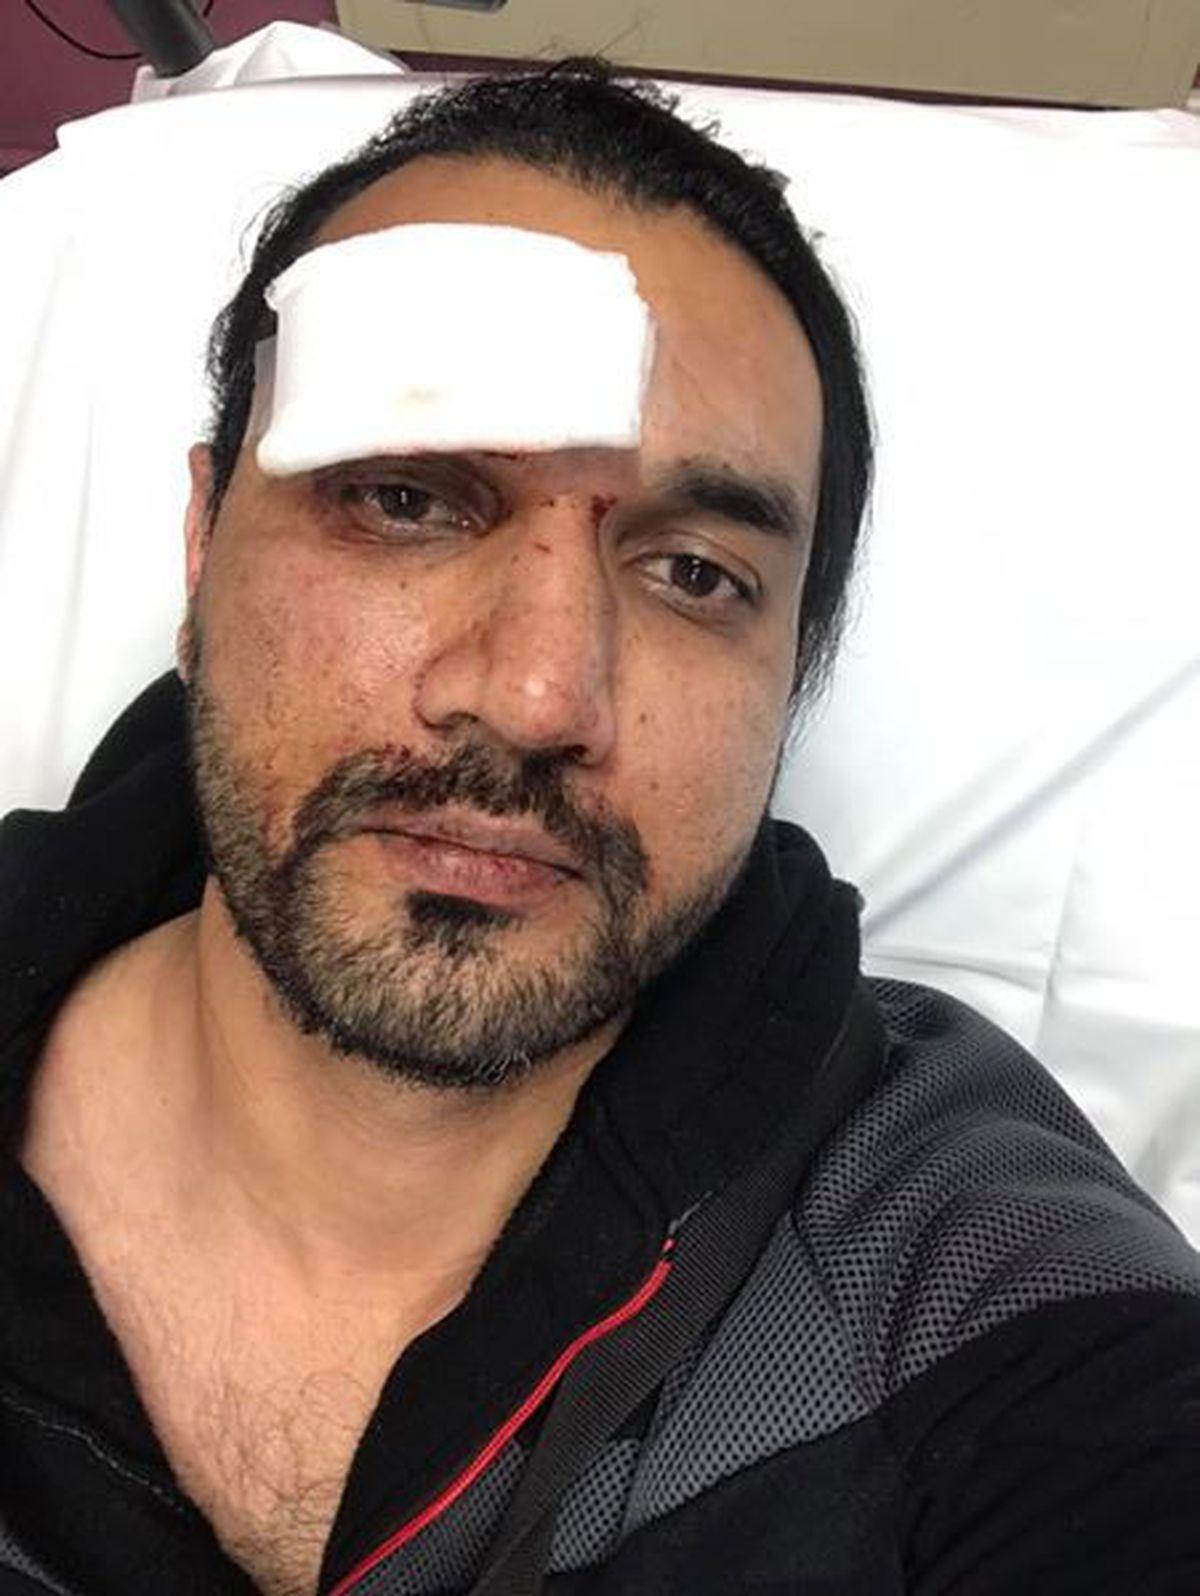 Injured taxi driver Amir Sajjad Malik